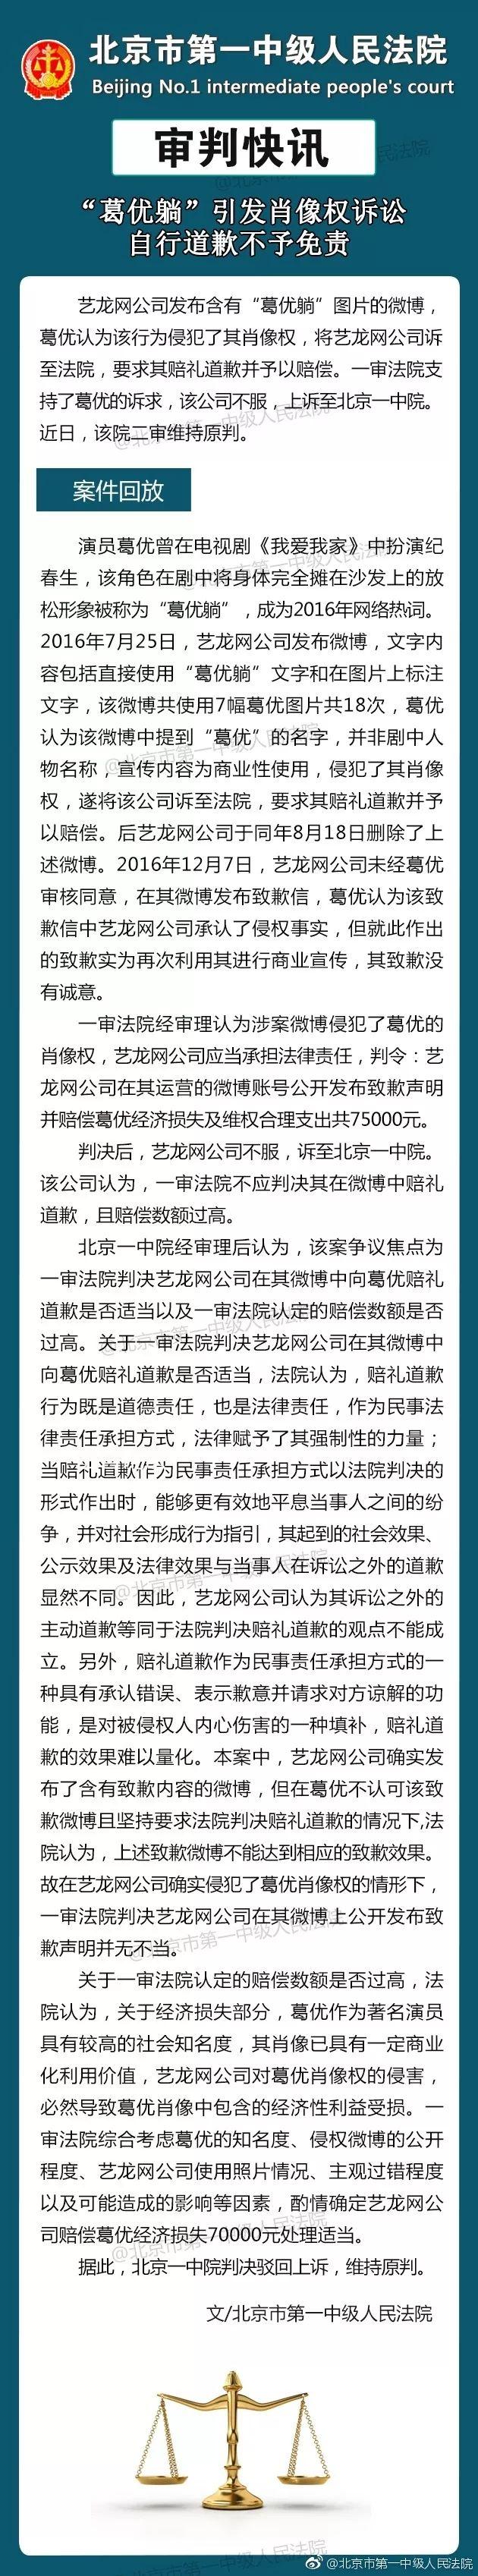 葛优躺表情包引发肖像权诉讼:艺龙网赔偿7.5万